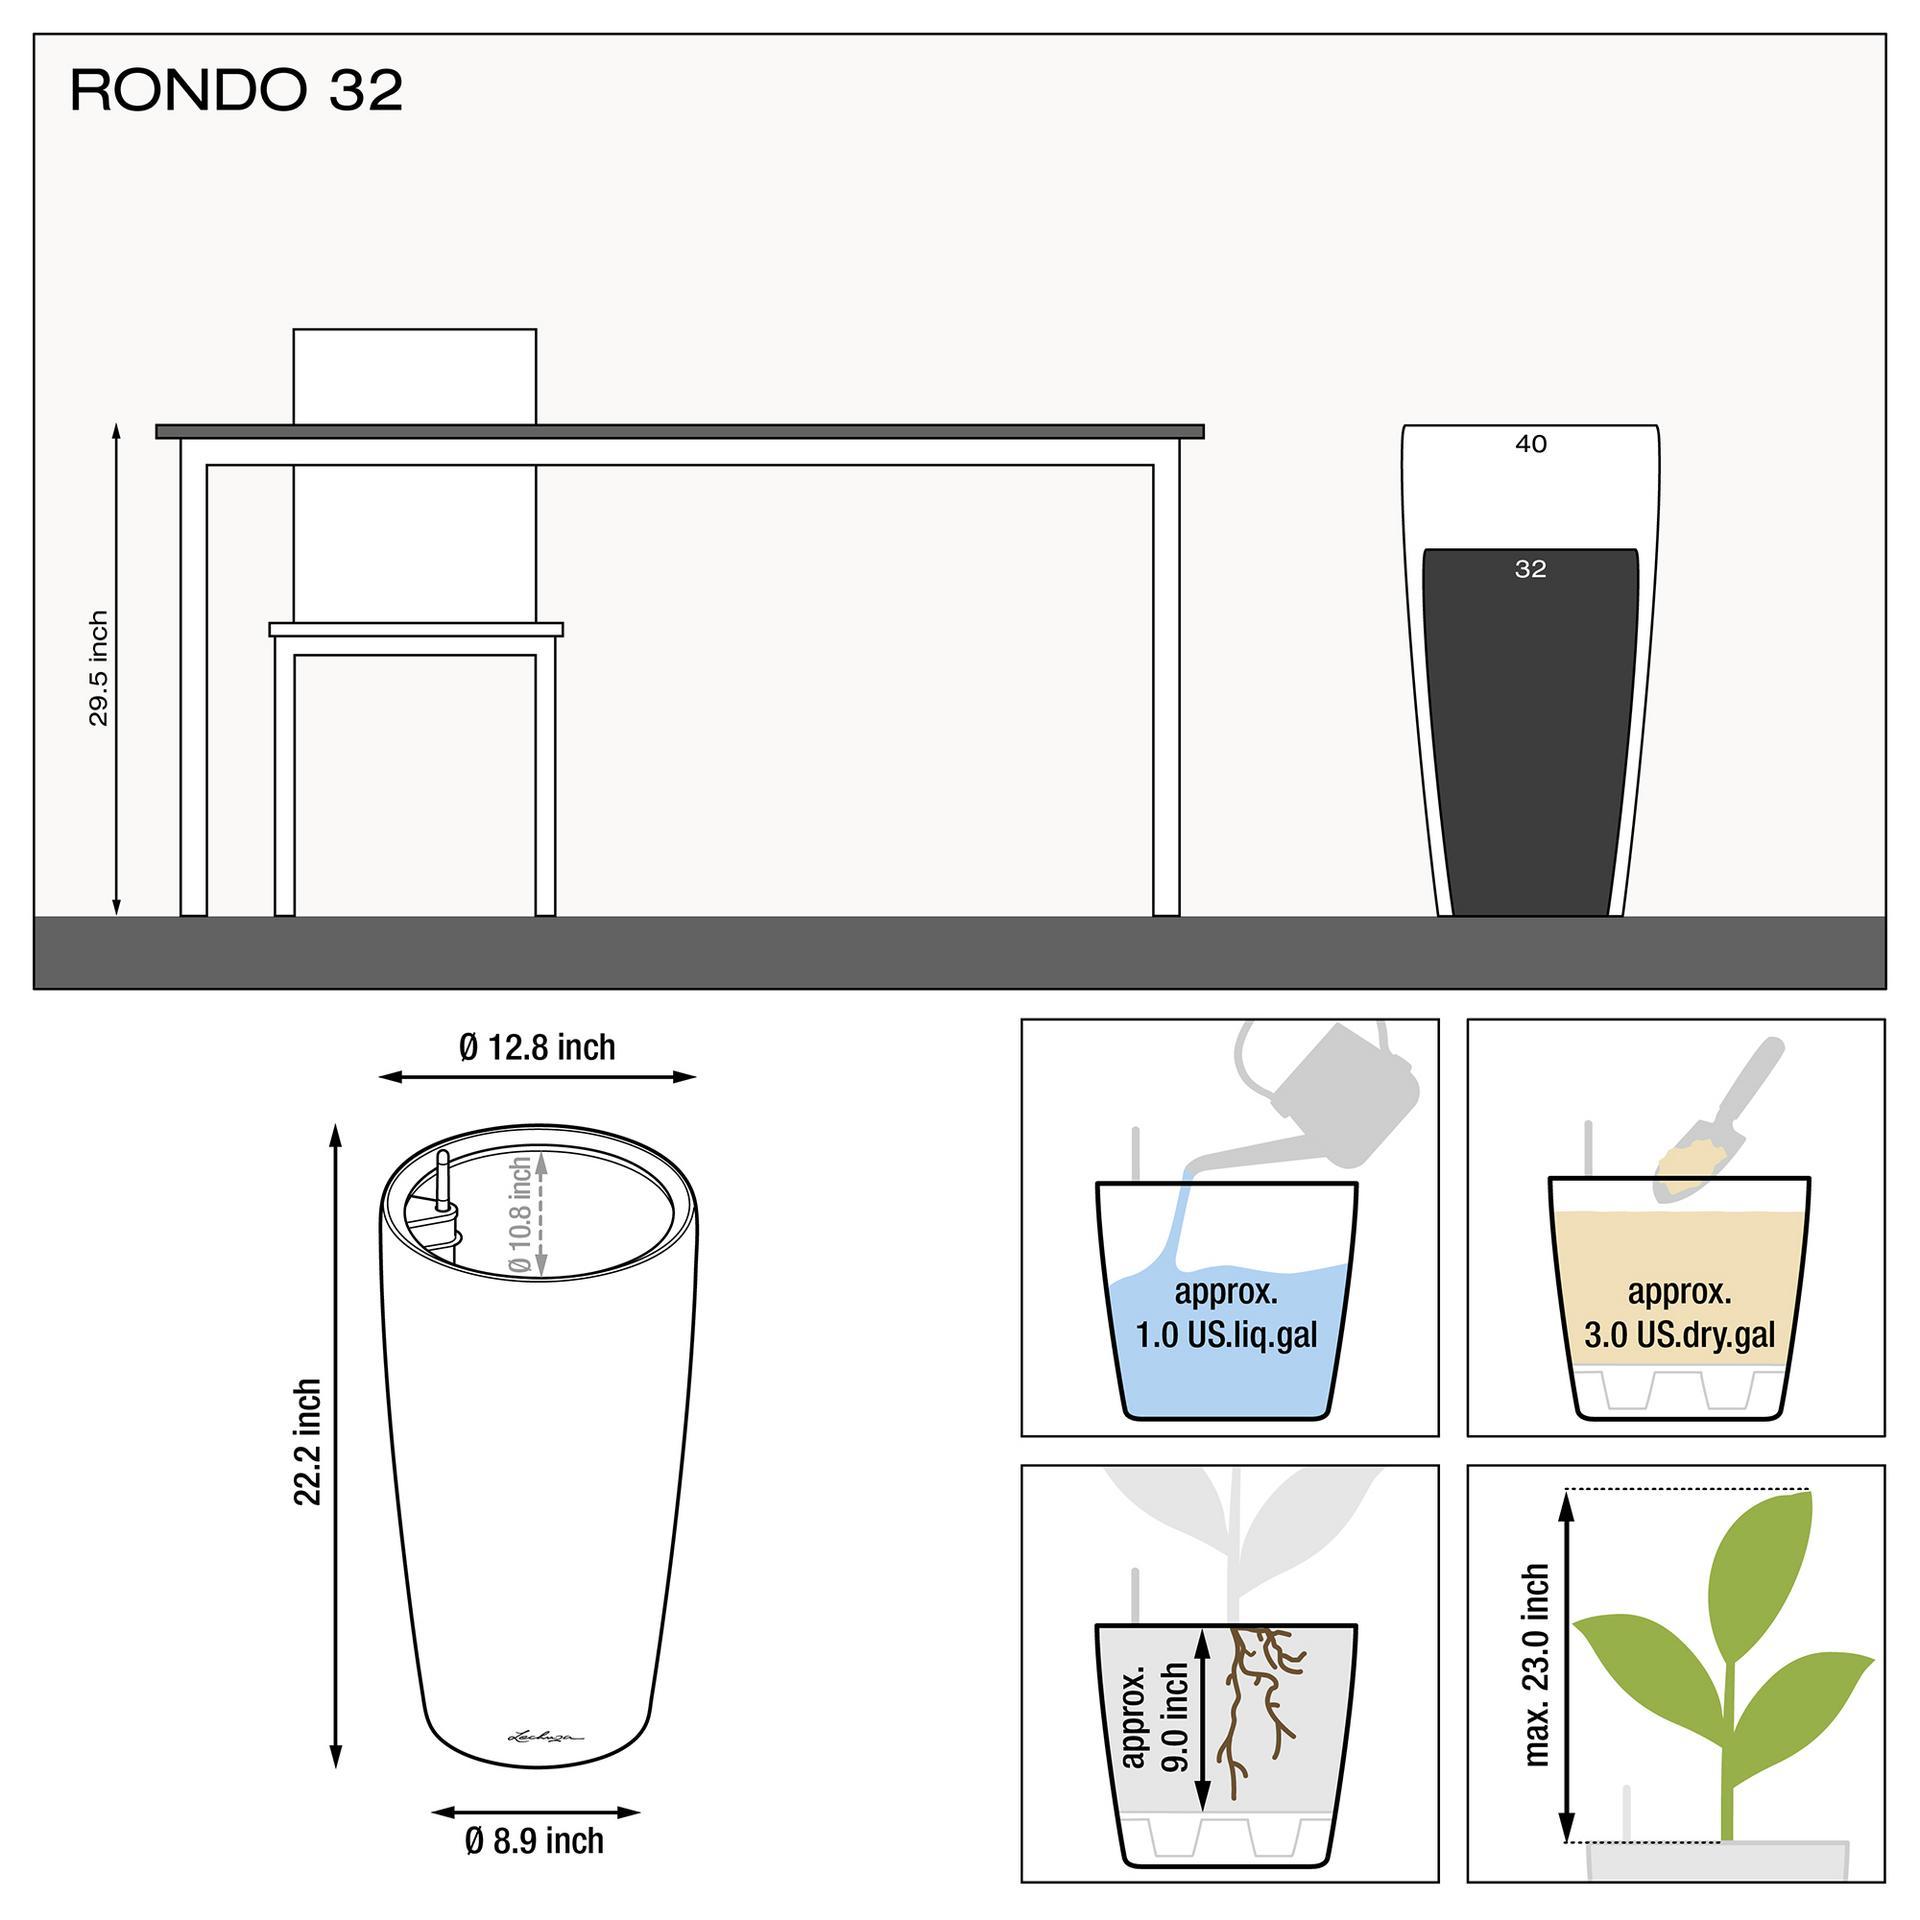 le_rondo32_product_addi_nz_us